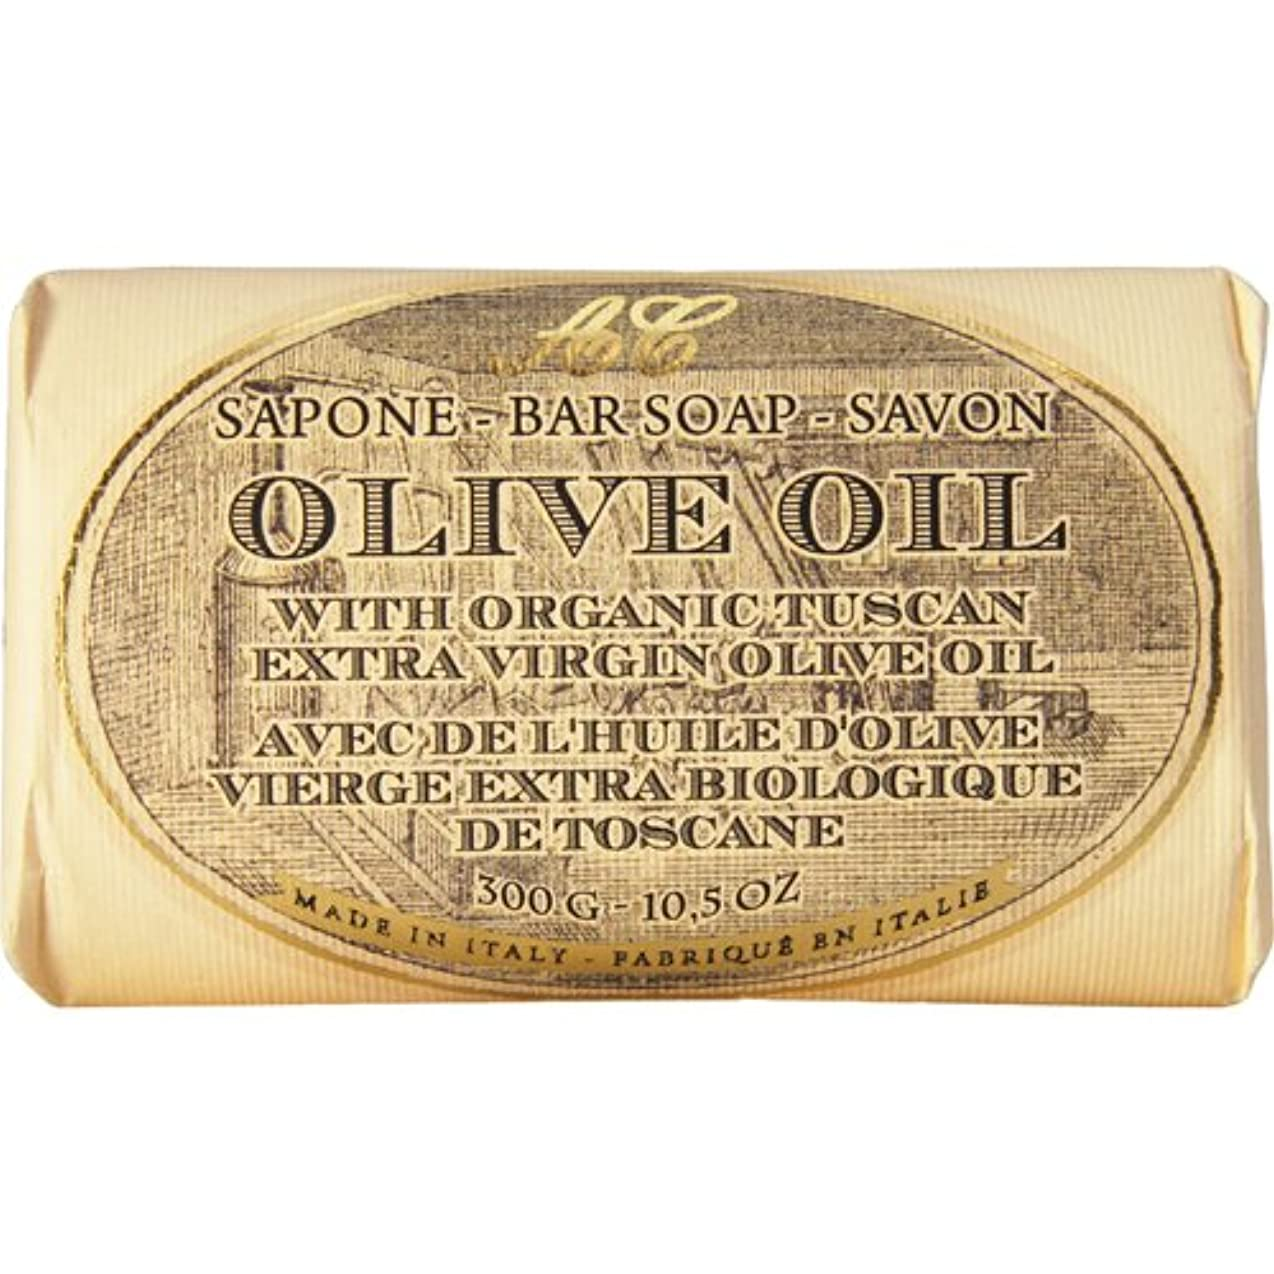 身元特権的生理Saponerire Fissi レトロシリーズ Bar Soap バーソープ 300g Olive Oil オリーブオイル